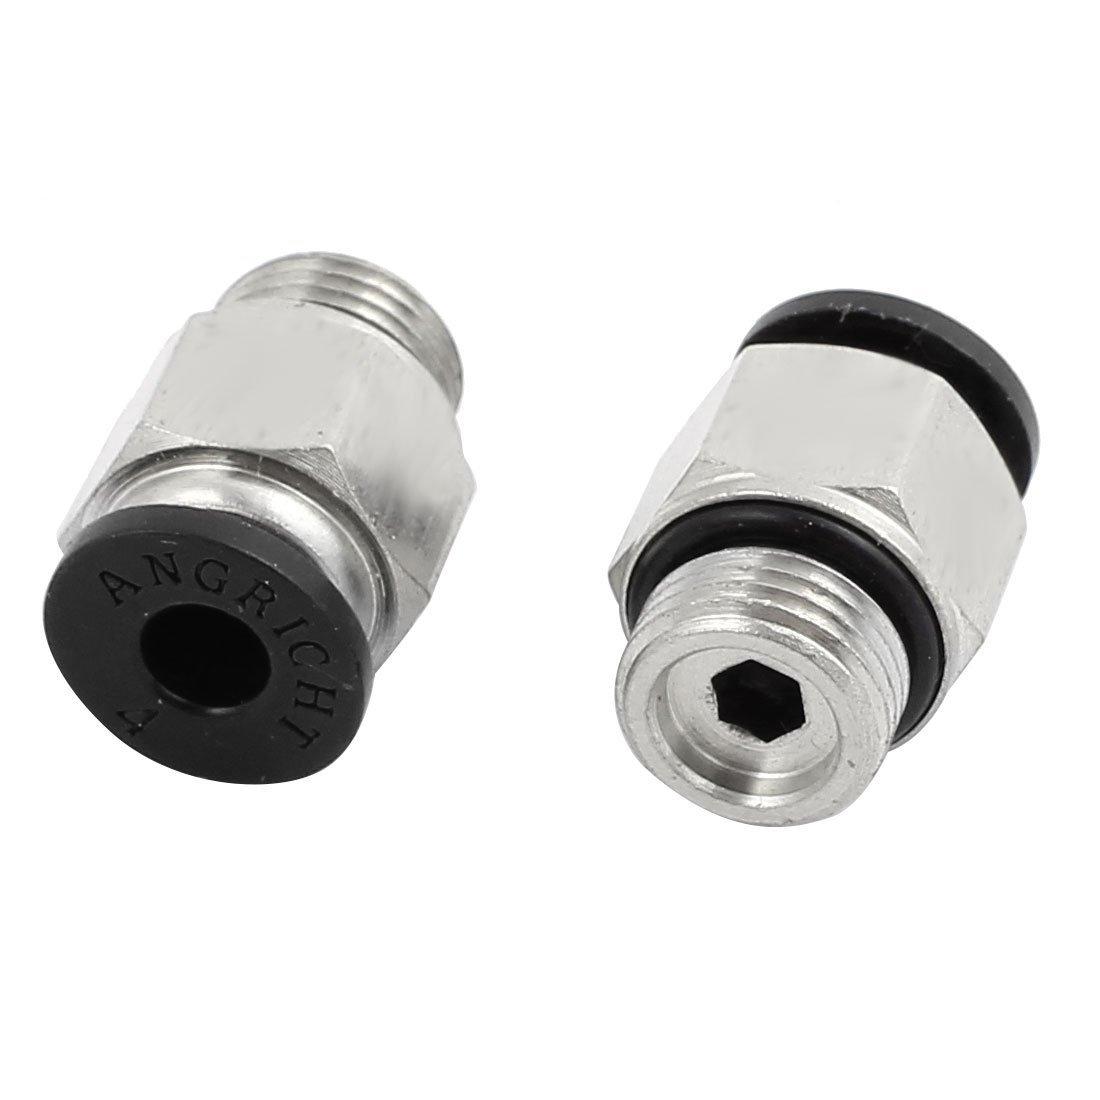 DealMux 30pcs 1//8 PT rosca macho de 4 mm empujar hacia adentro conjuntos de conectores neum/áticos Racores r/ápidos